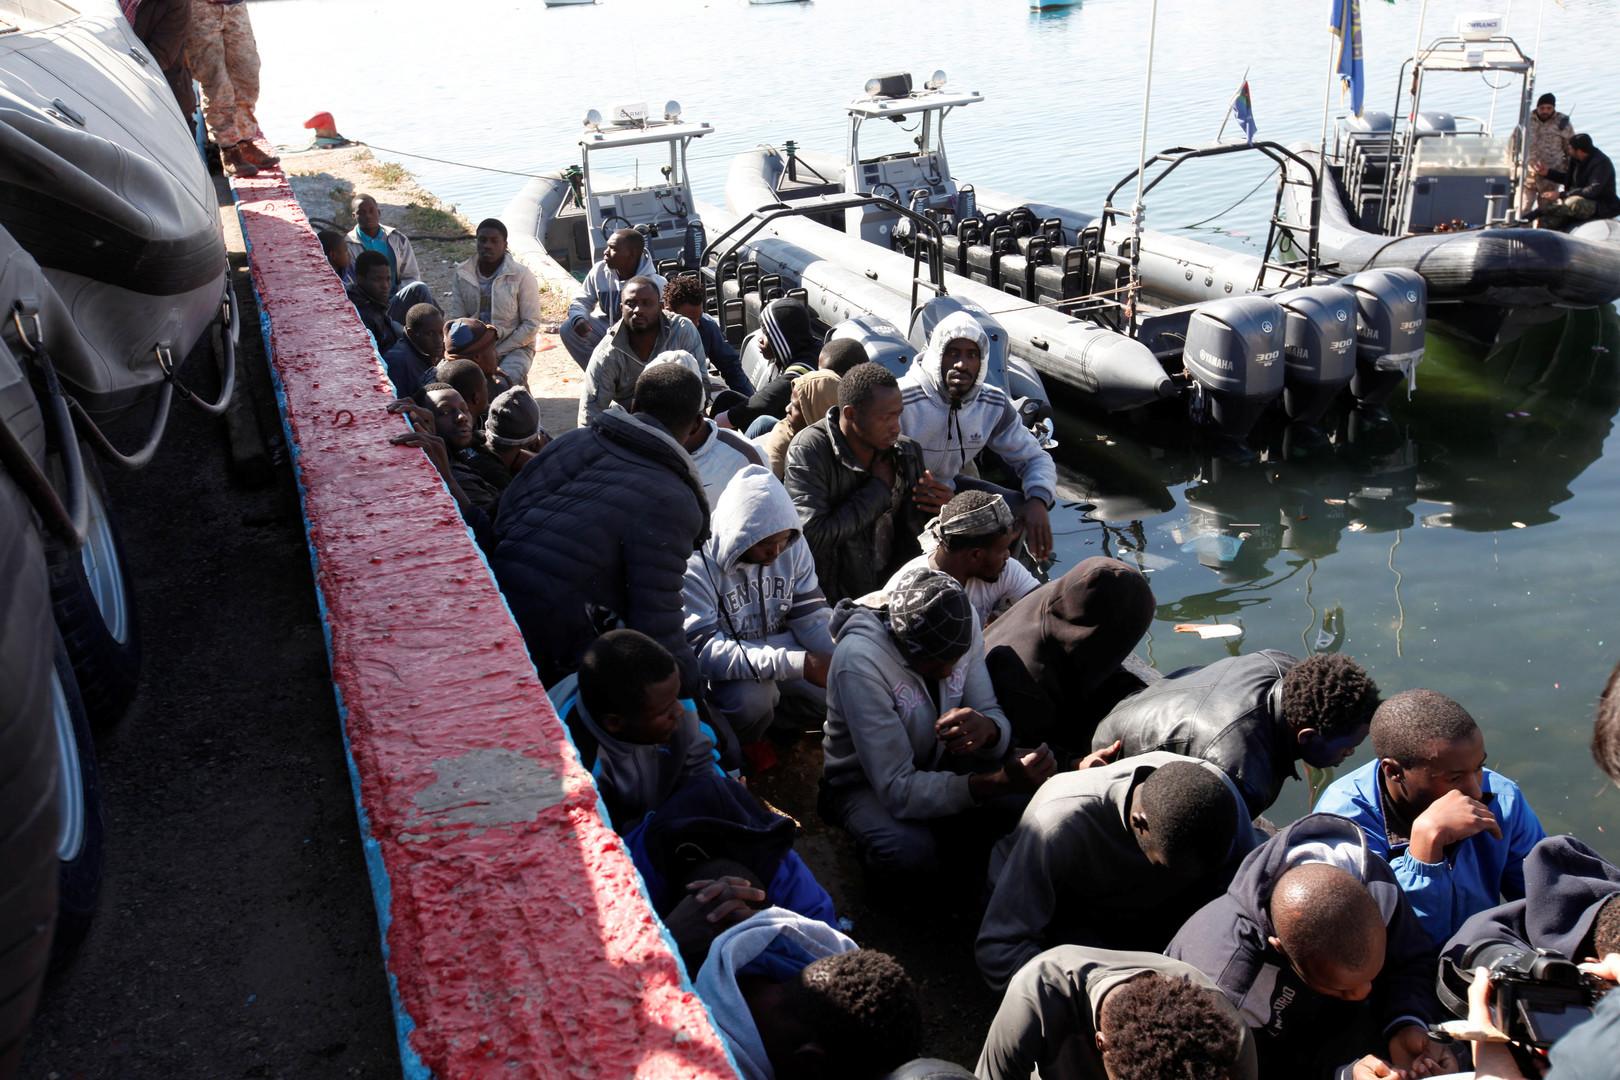 L'Union européenne accusée d'être responsable de la mort de migrants en Méditerrannée